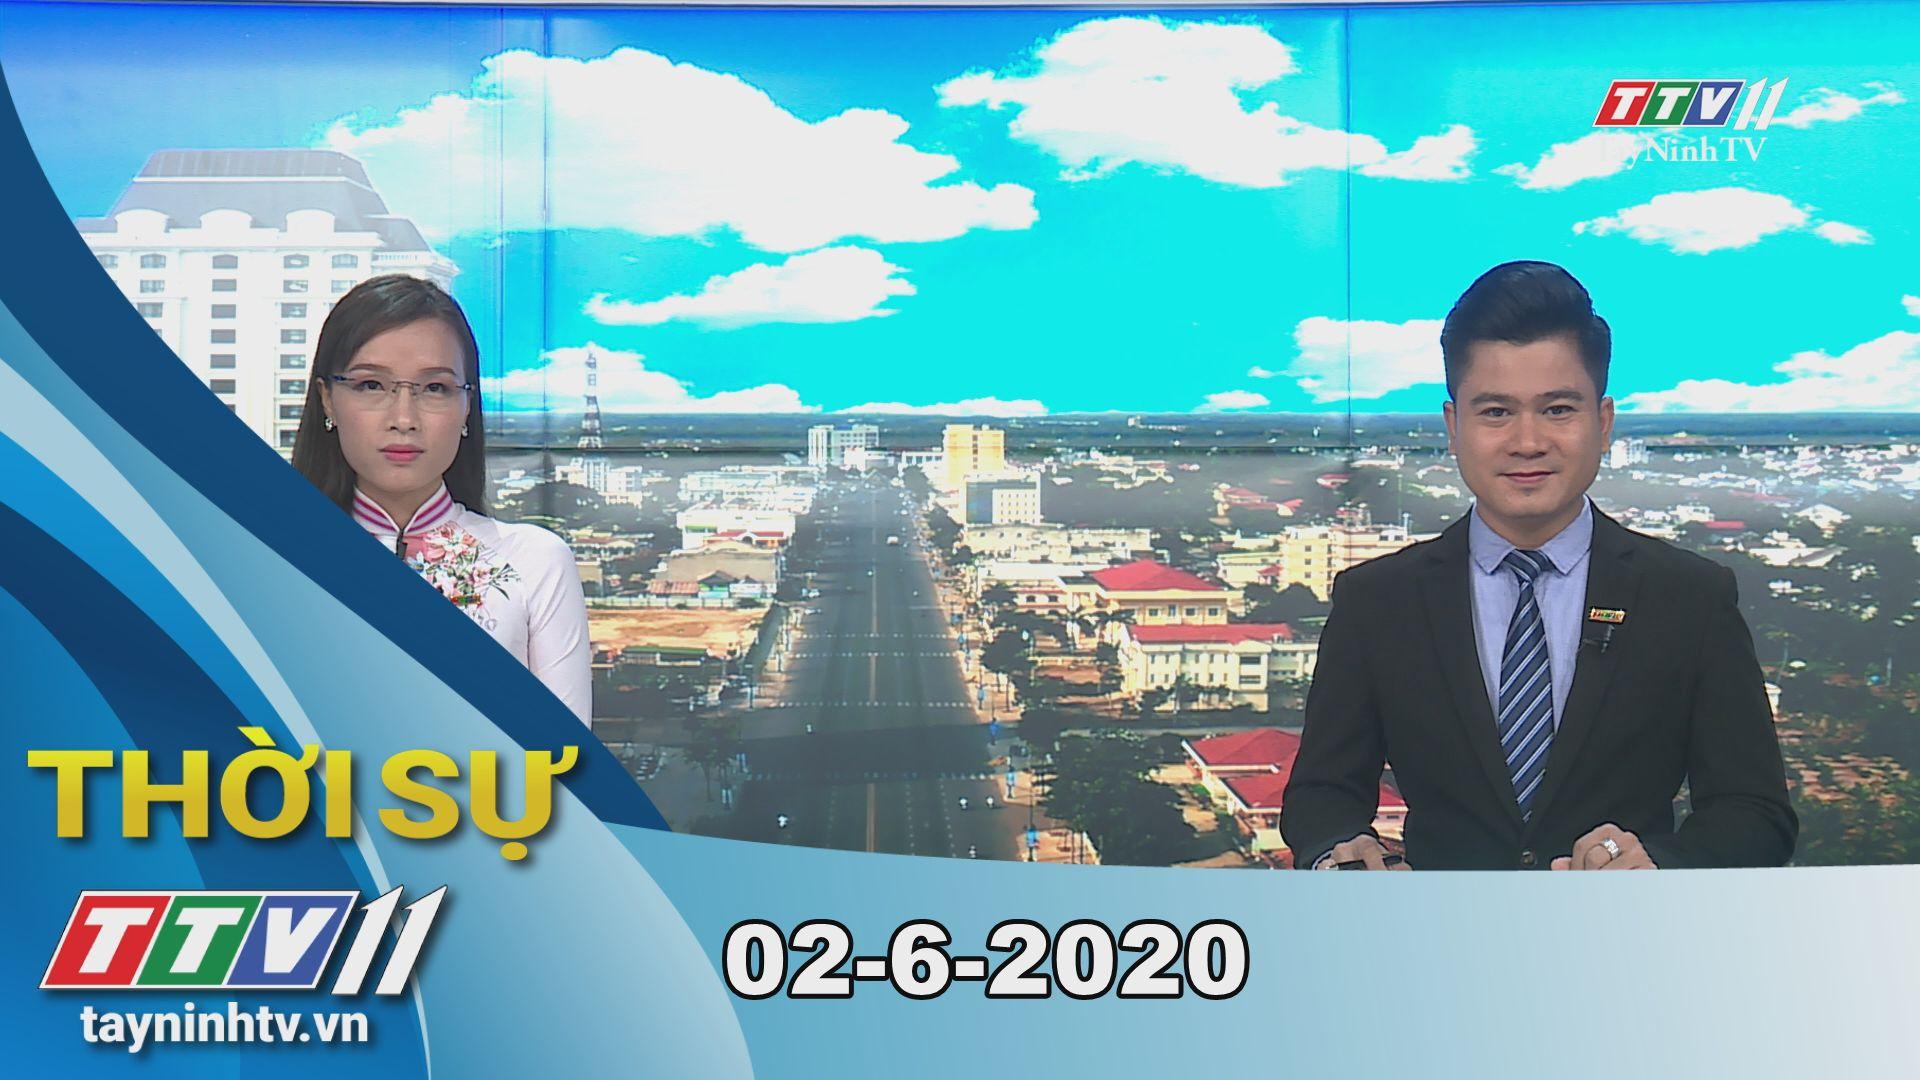 Thời sự Tây Ninh 02-6-2020 | Tin tức hôm nay | TayNinhTV